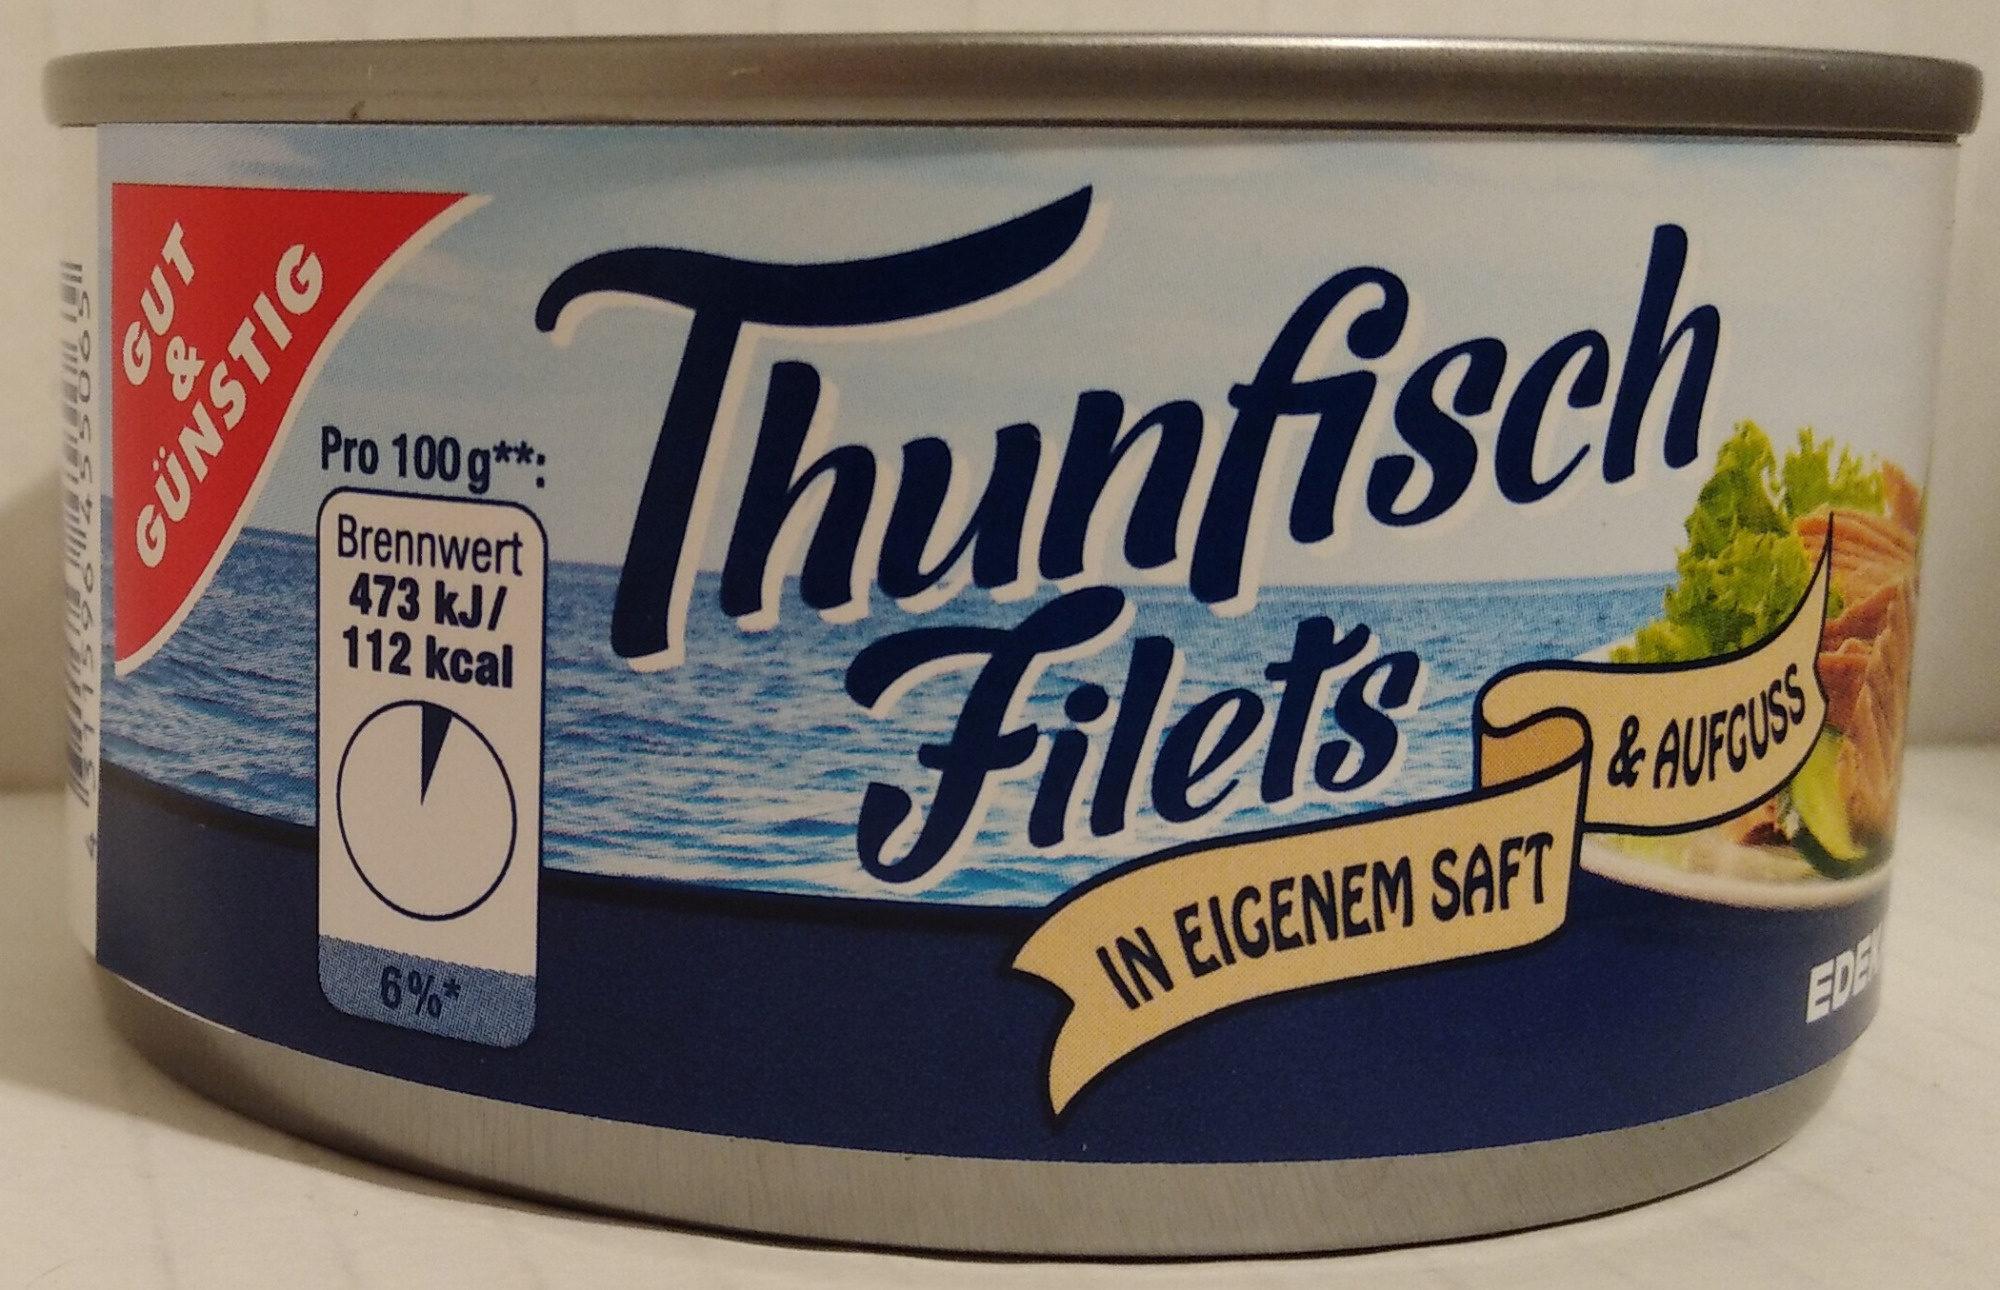 Thunfischfilets in eigenem Saft & Aufguss - Produkt - de